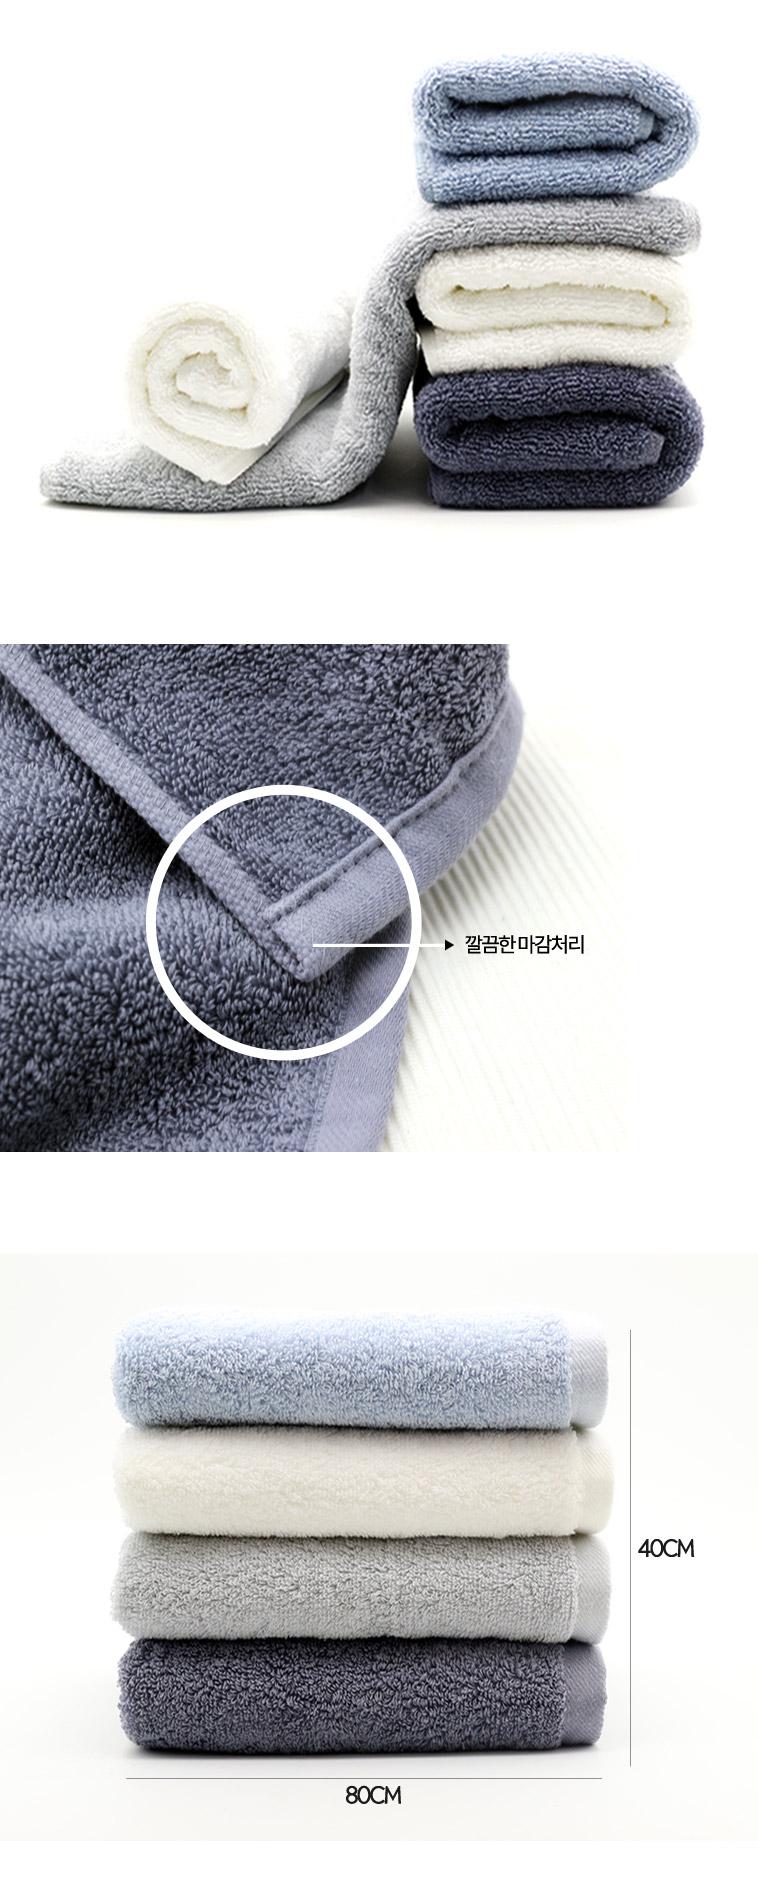 [명예의전당] 170g호텔수건타올 9+2 - 상세정보